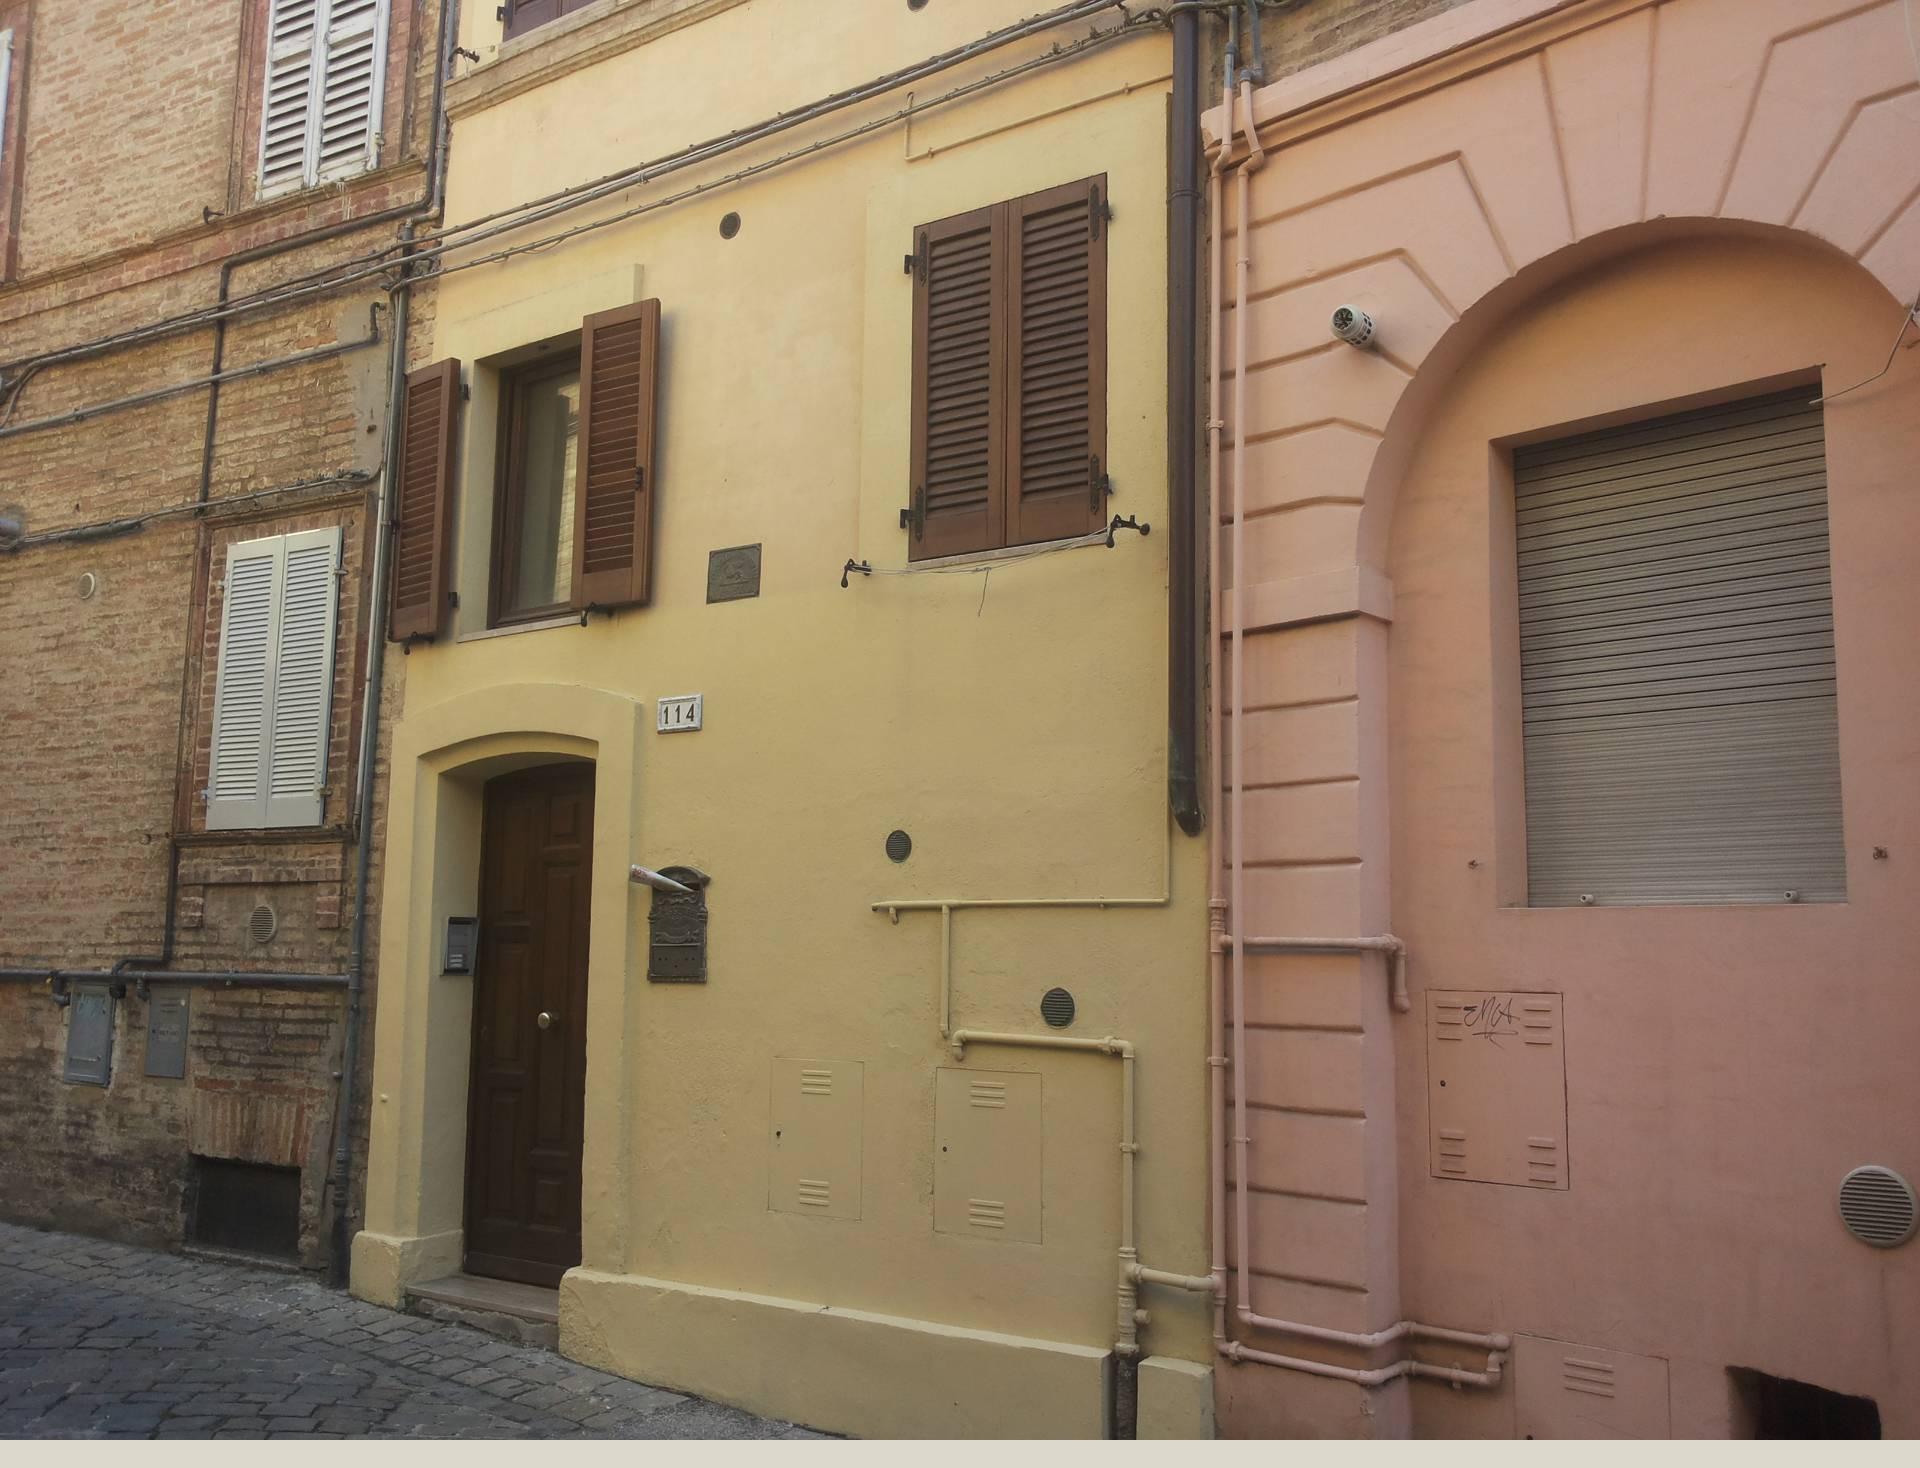 Appartamento in affitto a Macerata, 2 locali, zona Località: Centrostorico, prezzo € 470 | CambioCasa.it